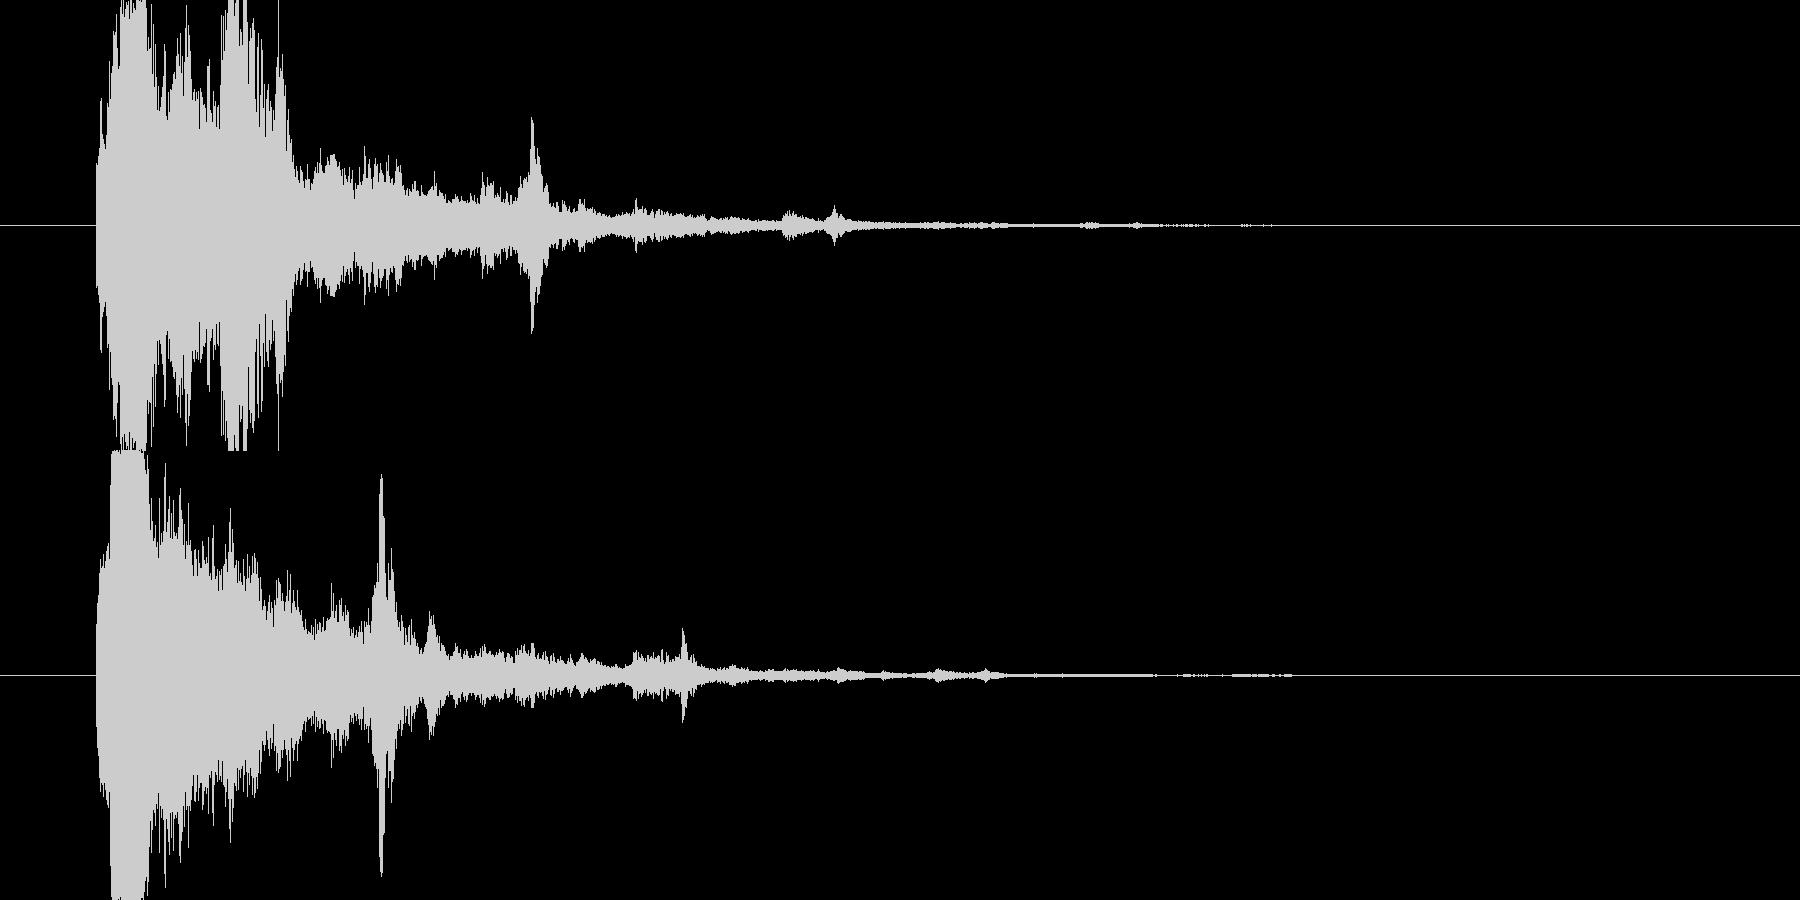 キラキラ(かわいい、星、ボタン、起動音)の未再生の波形